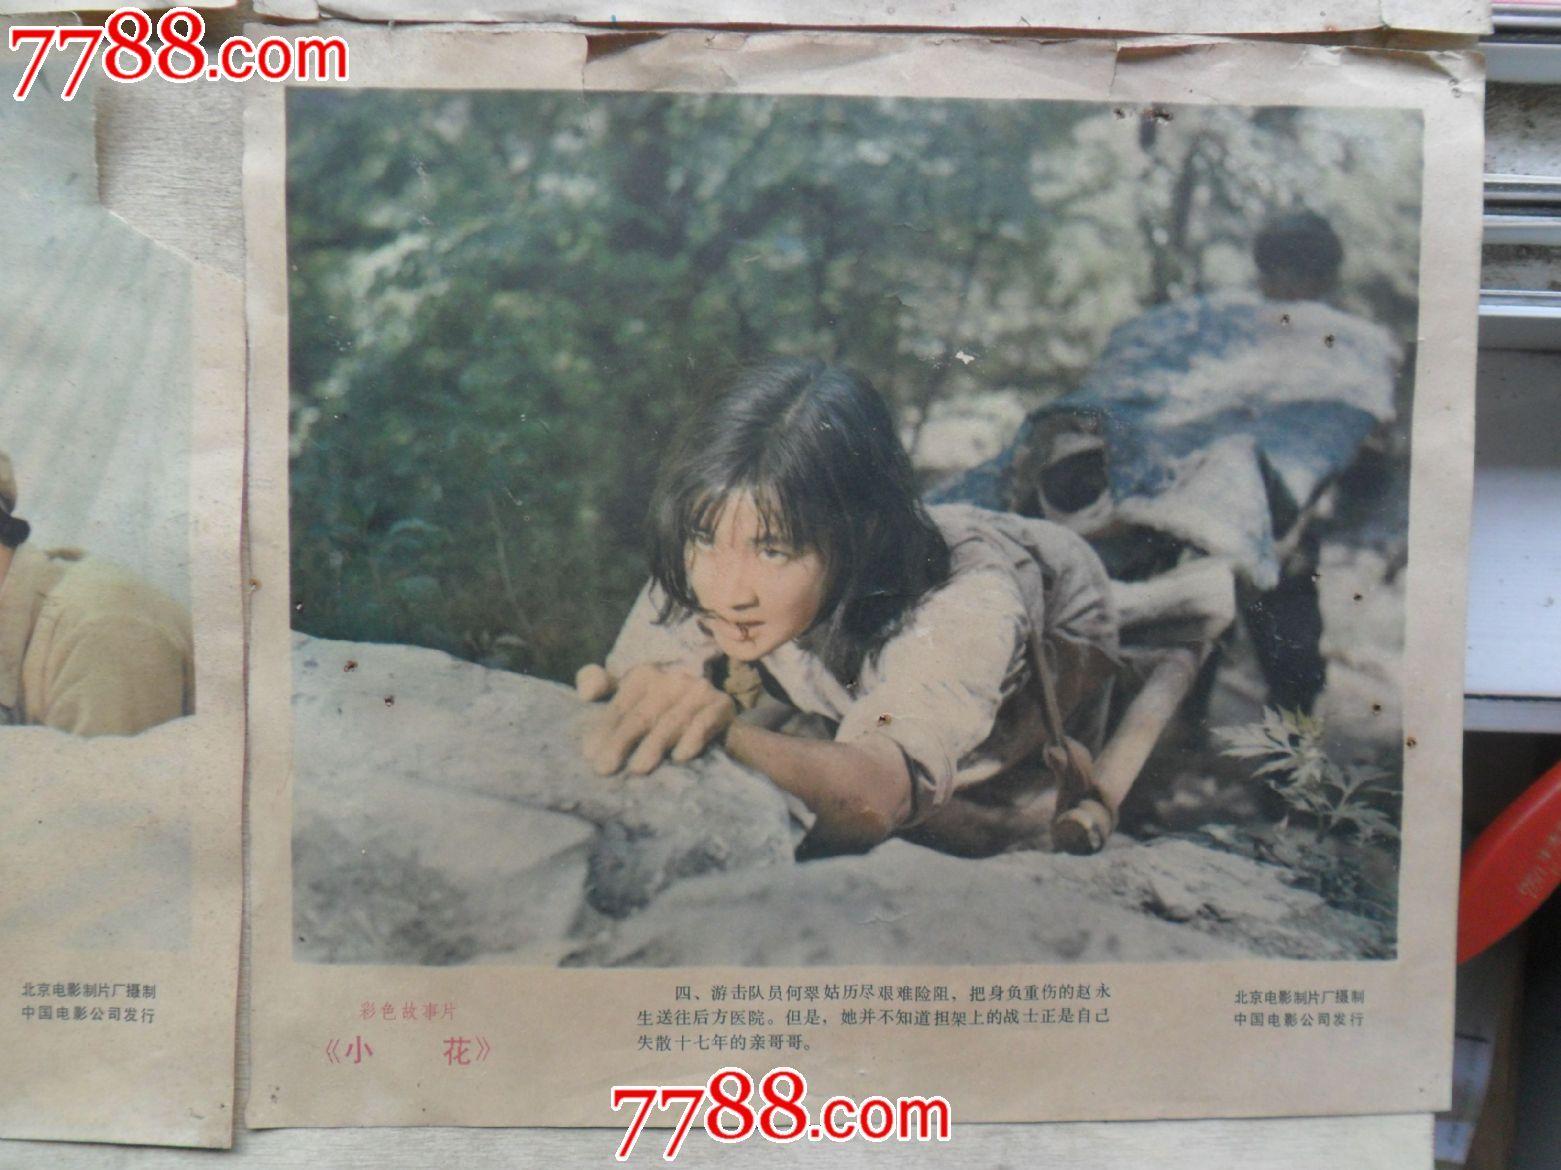 福利[电影]---刘晓庆年青时的小花宣传画.飘花极速电影网电影图片